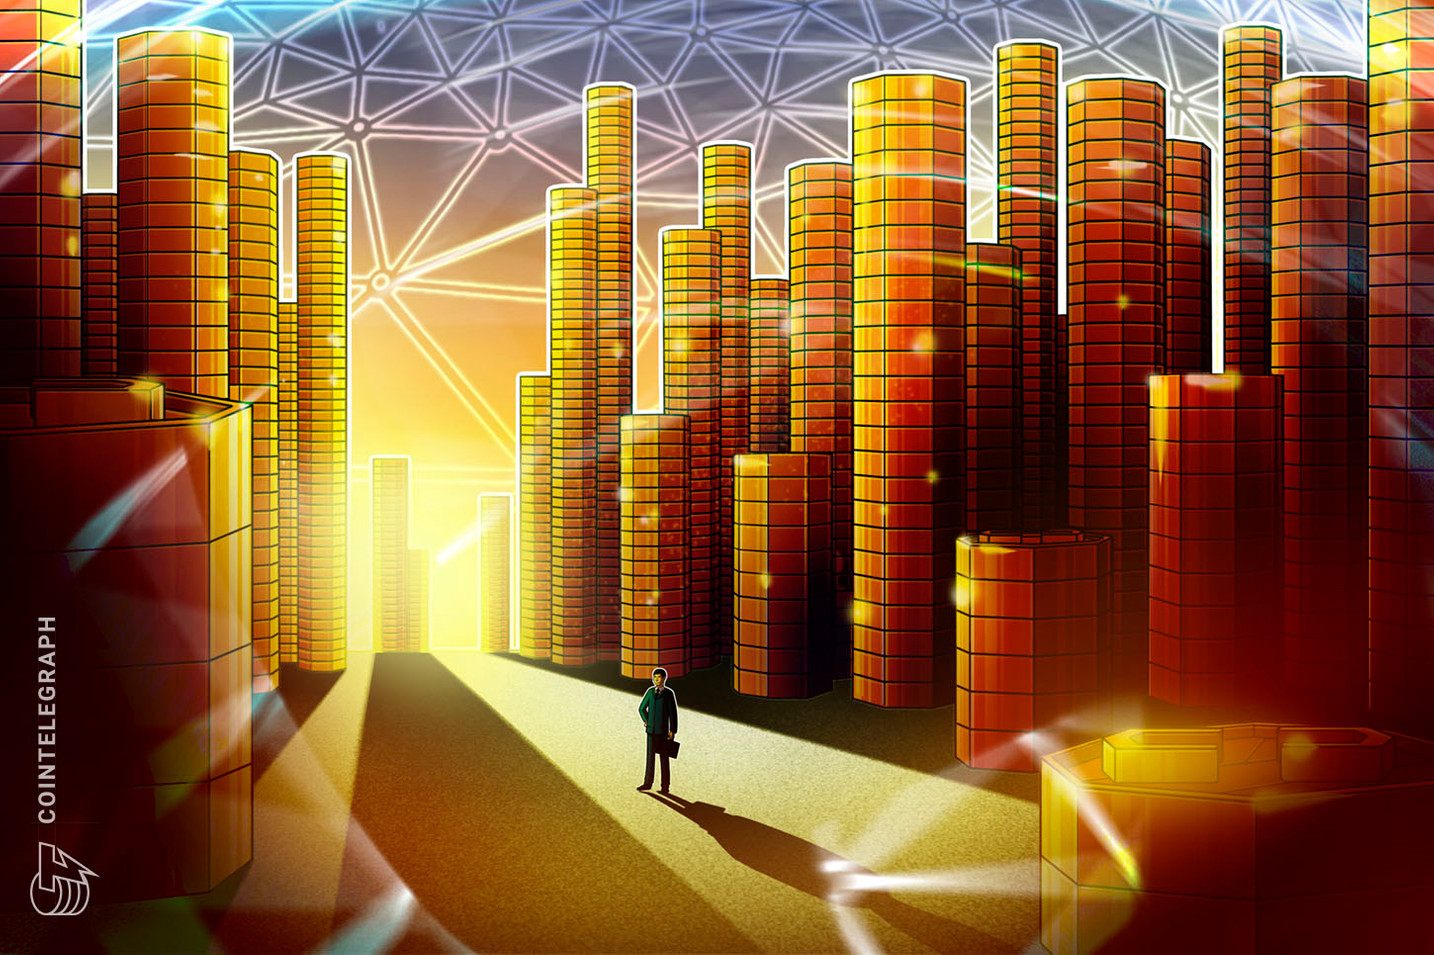 Kripto Borsa Bitfinex 238 Milyon Dolarlık Kripto Koruma Fonu Listeleyecek